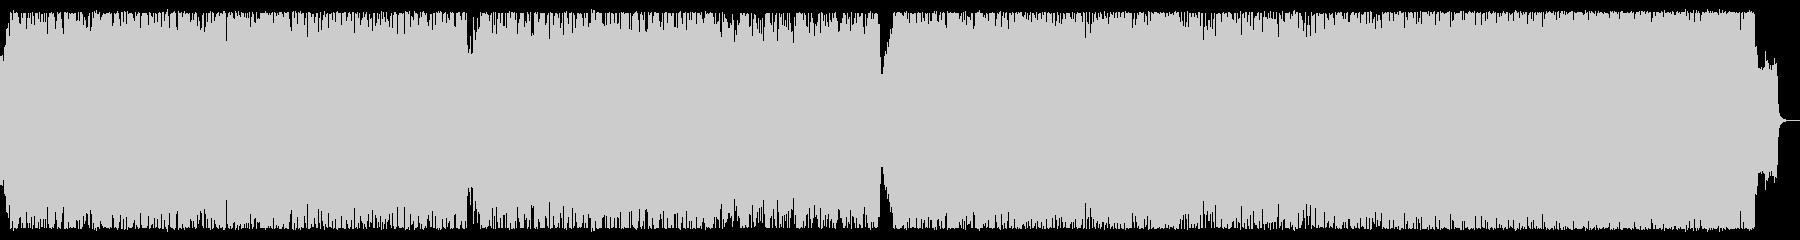 戦場を彷彿させるオーケストラ・ロング版の未再生の波形